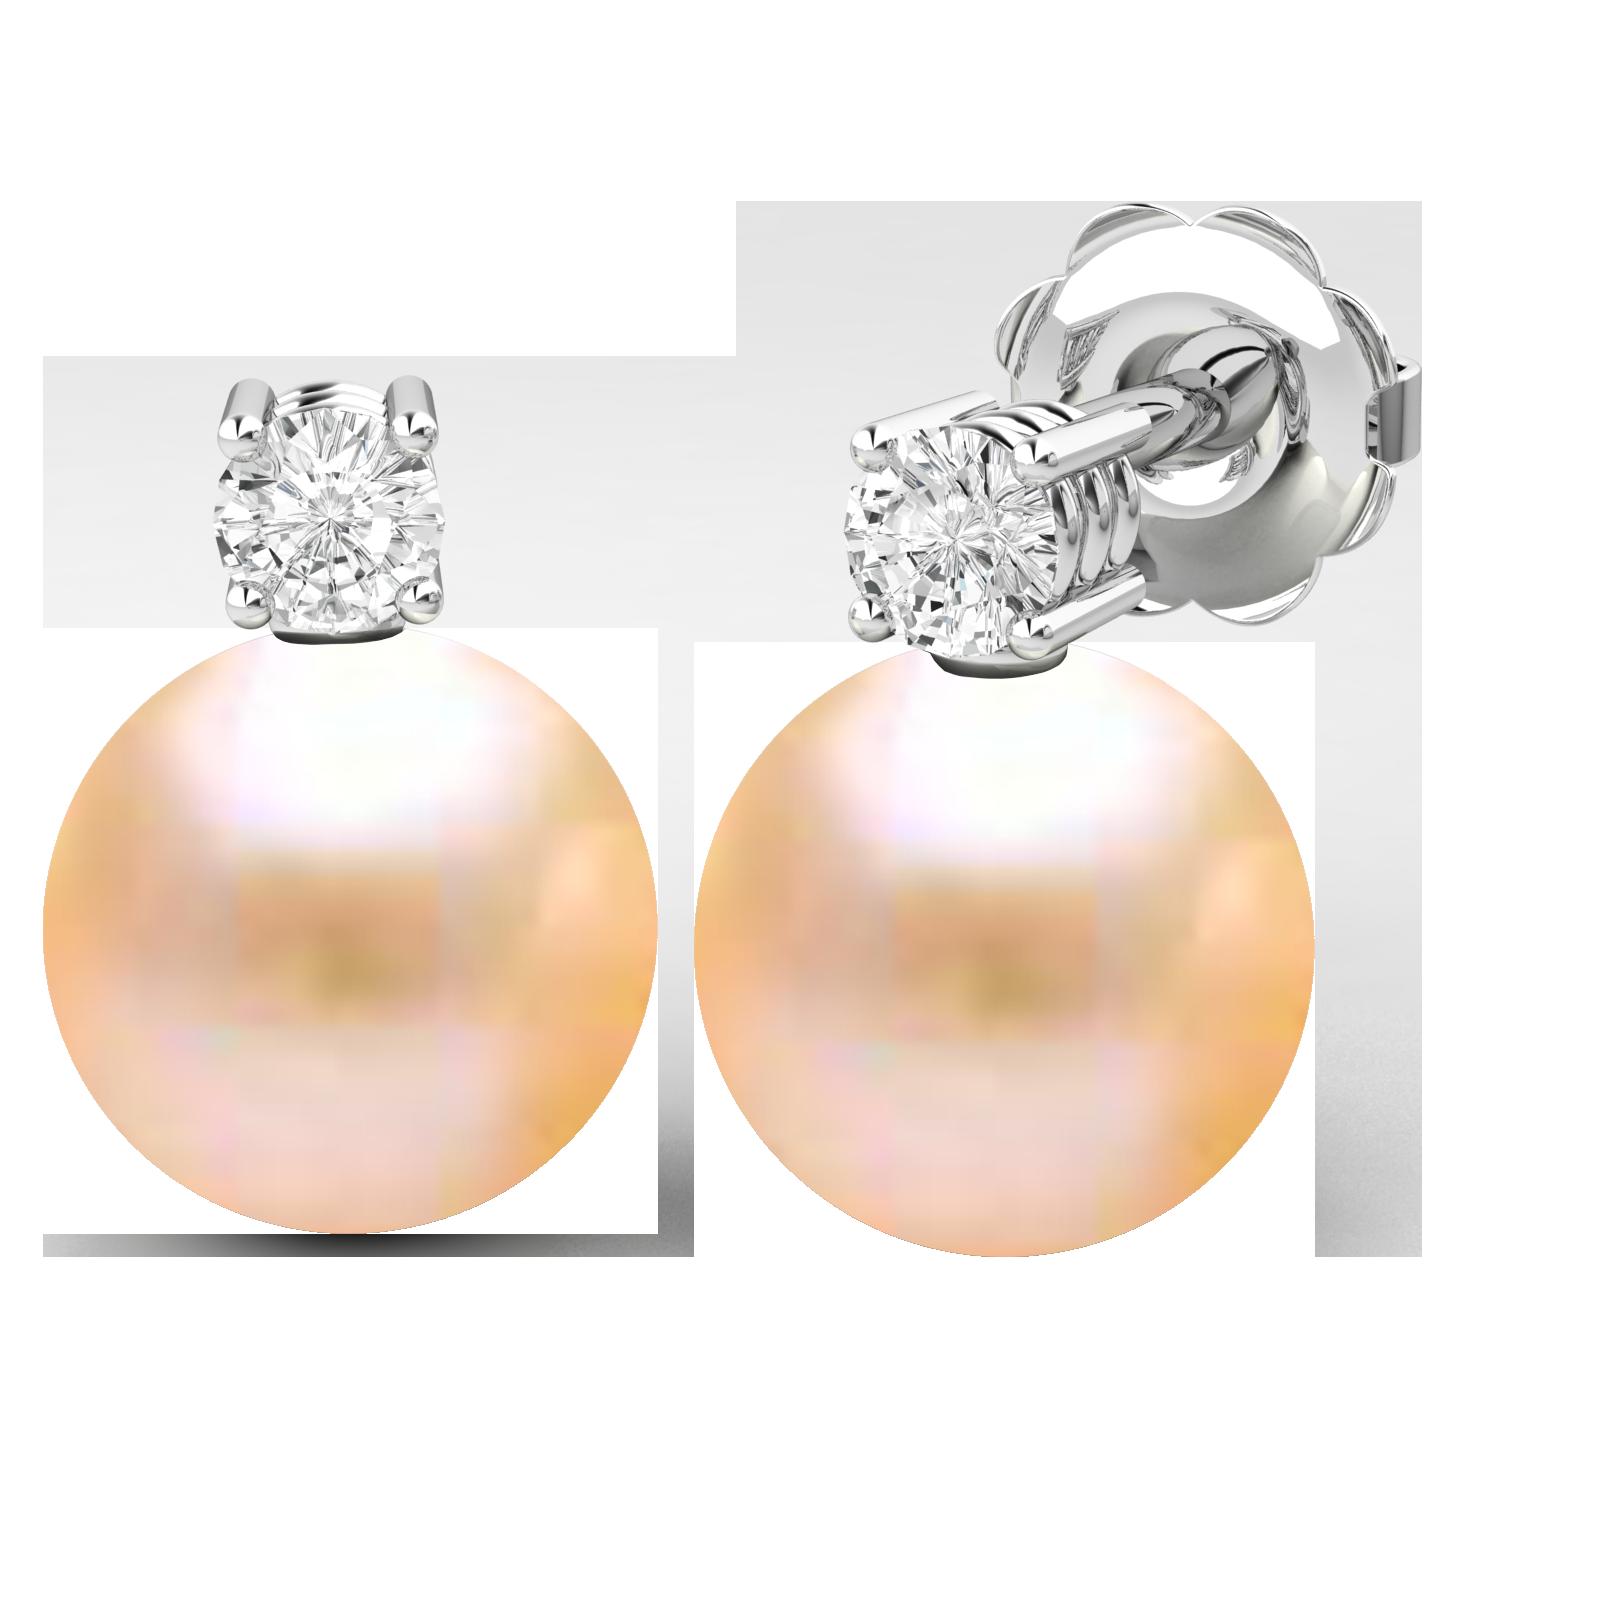 Cercei Aur Alb 18kt cu Perle Piersic Deschis de 8mm si Briliante Rotunde Sclipitoare-img1